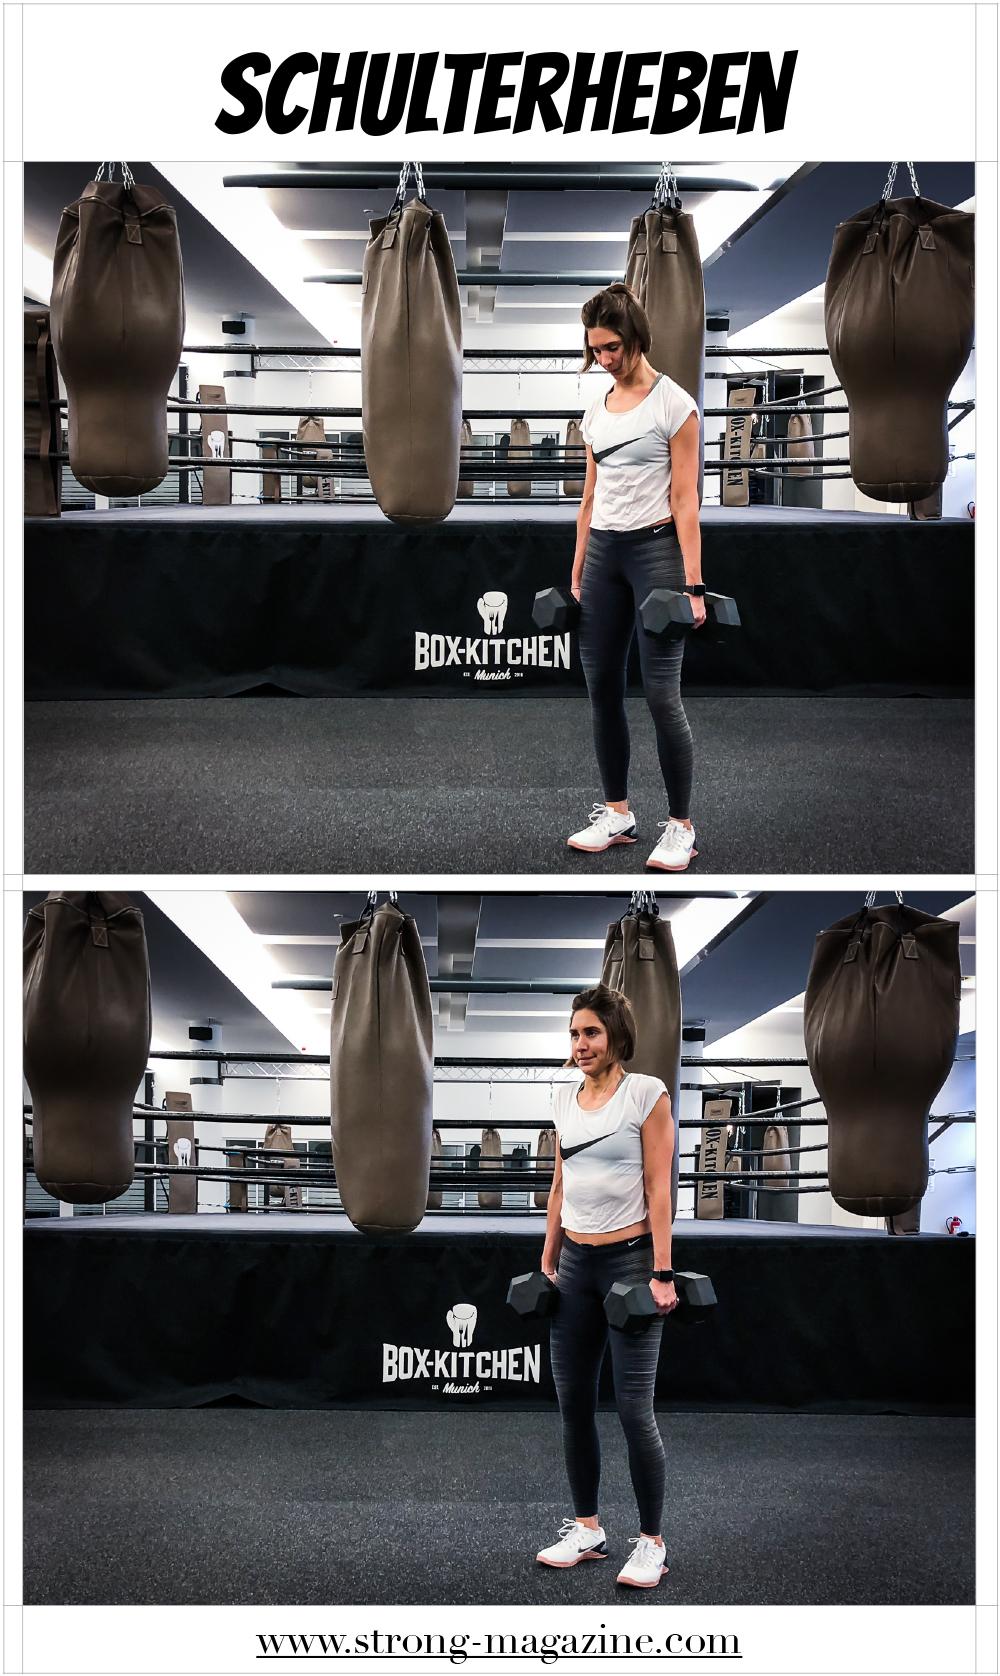 Übung für den Rücken: Schulterheben Anleitung